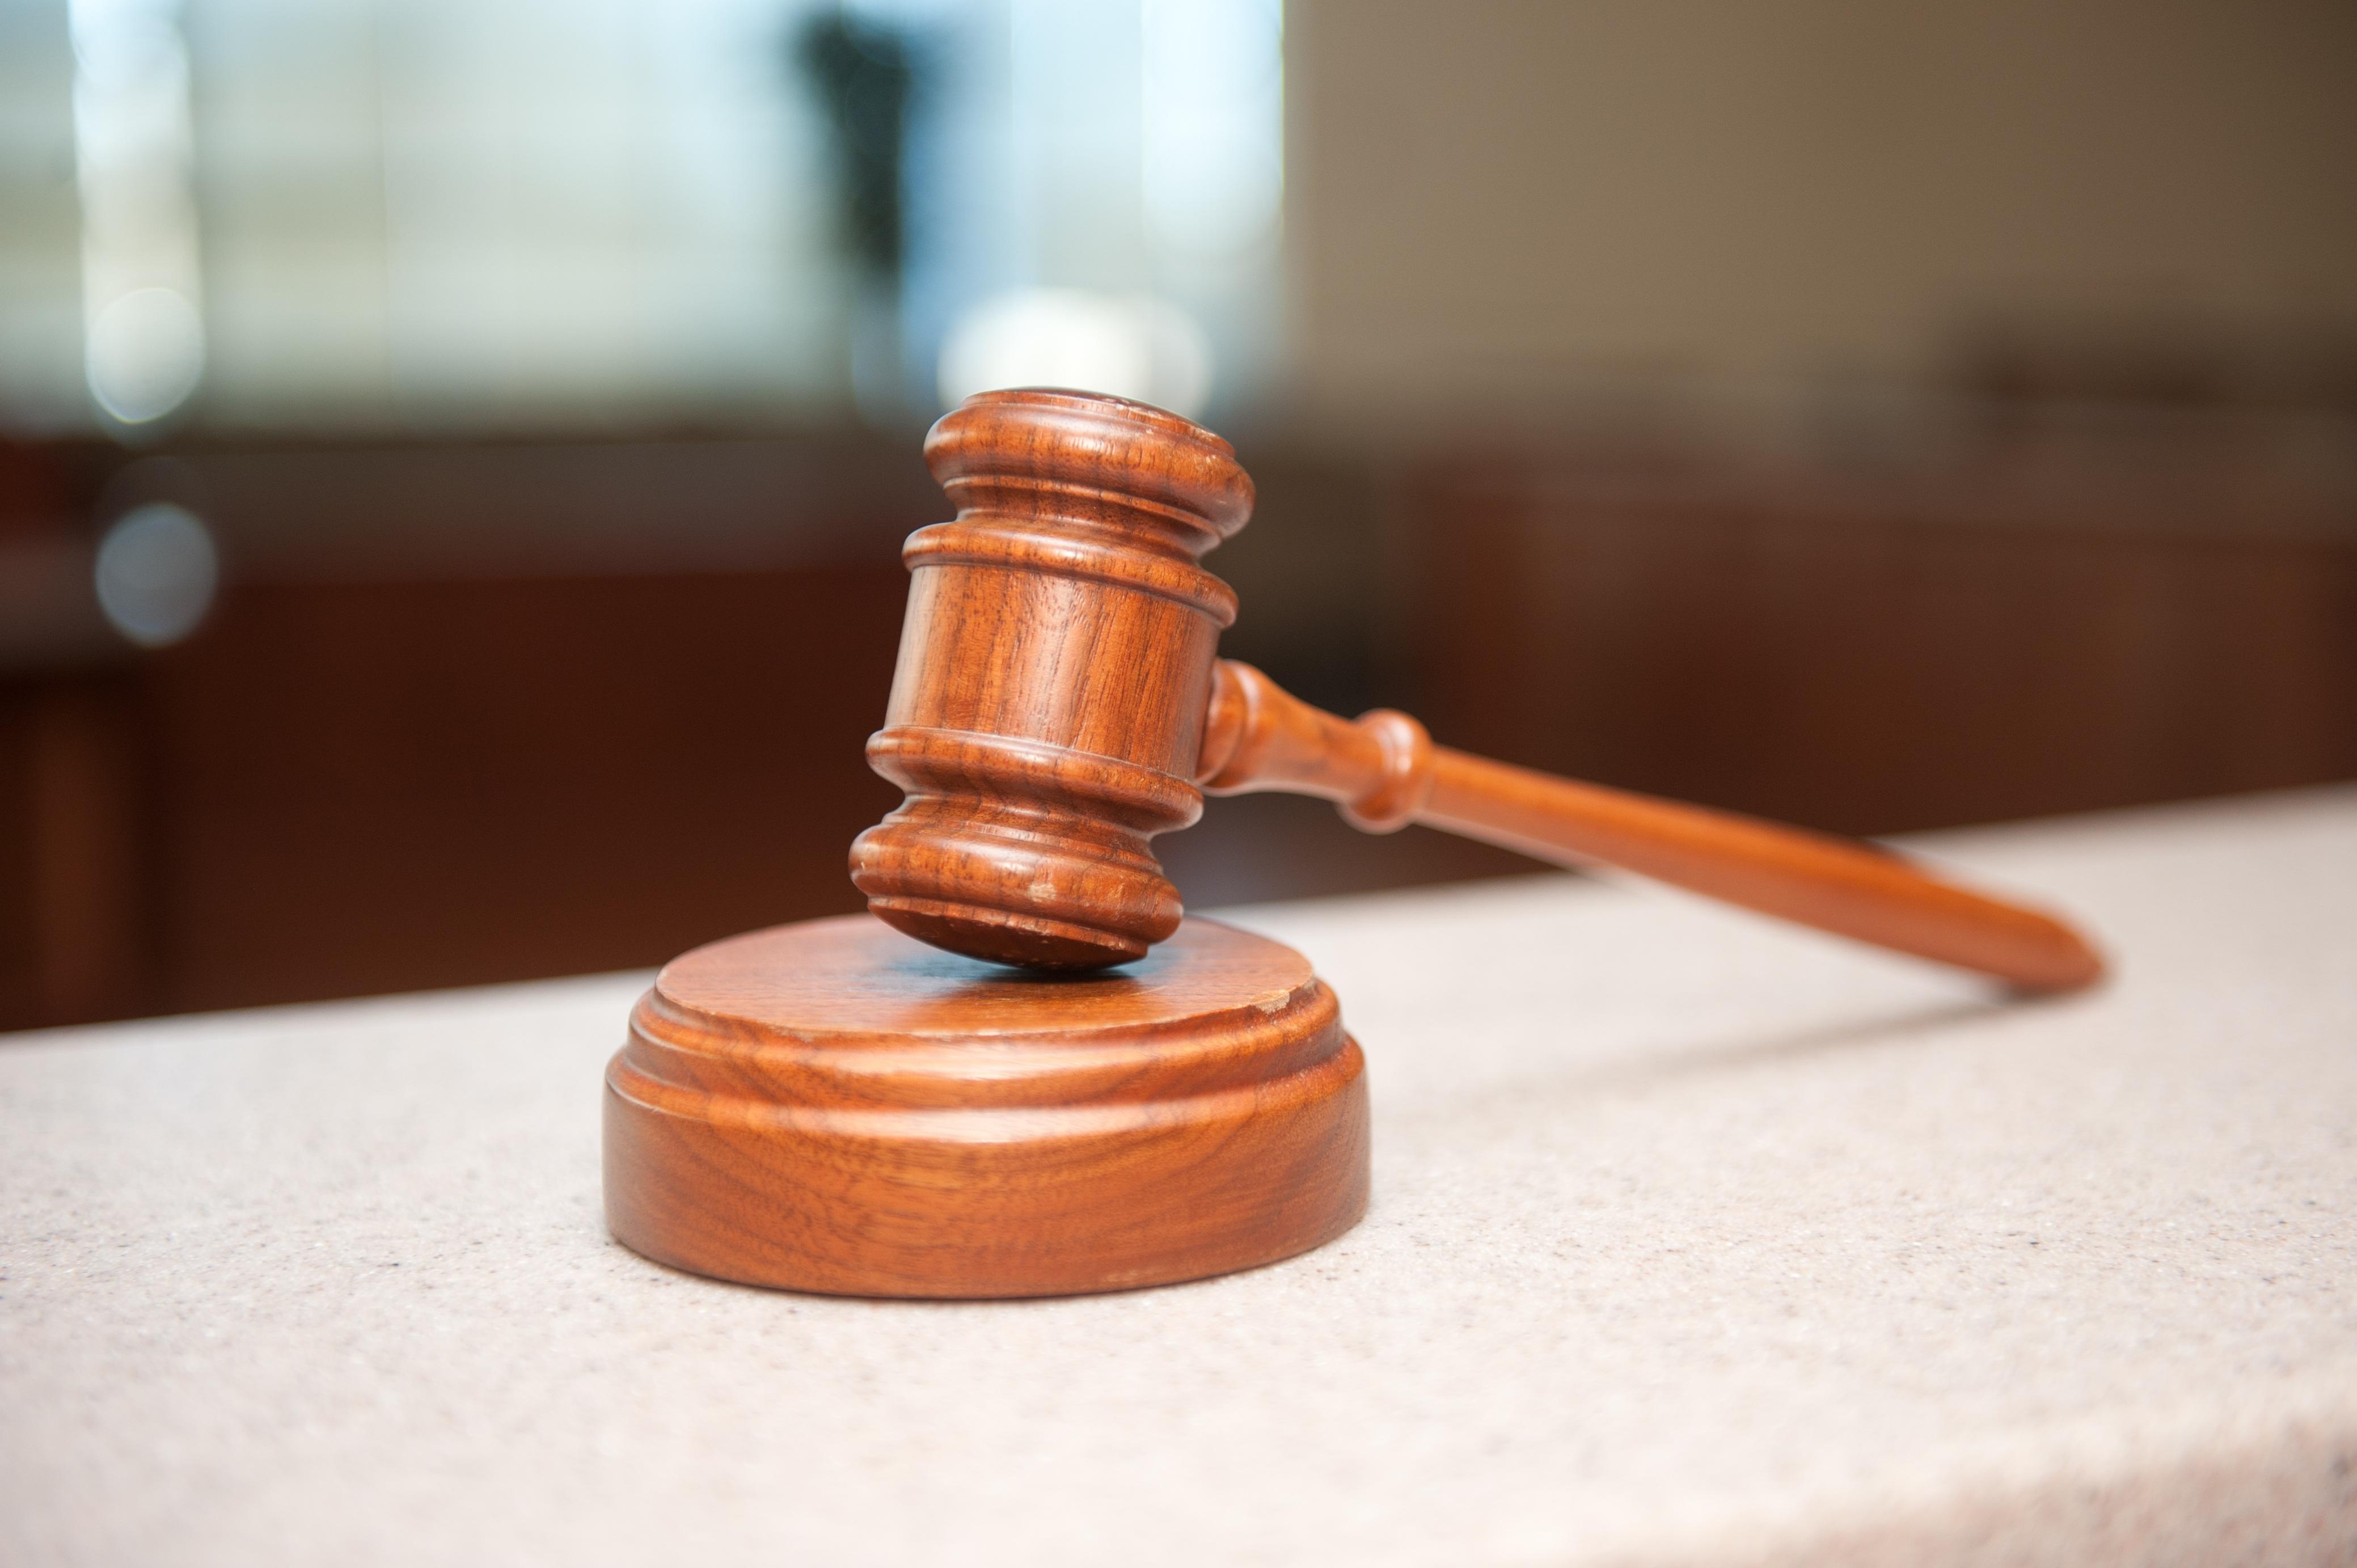 IMAGEM: Juízes do RS negociam compra de vacina